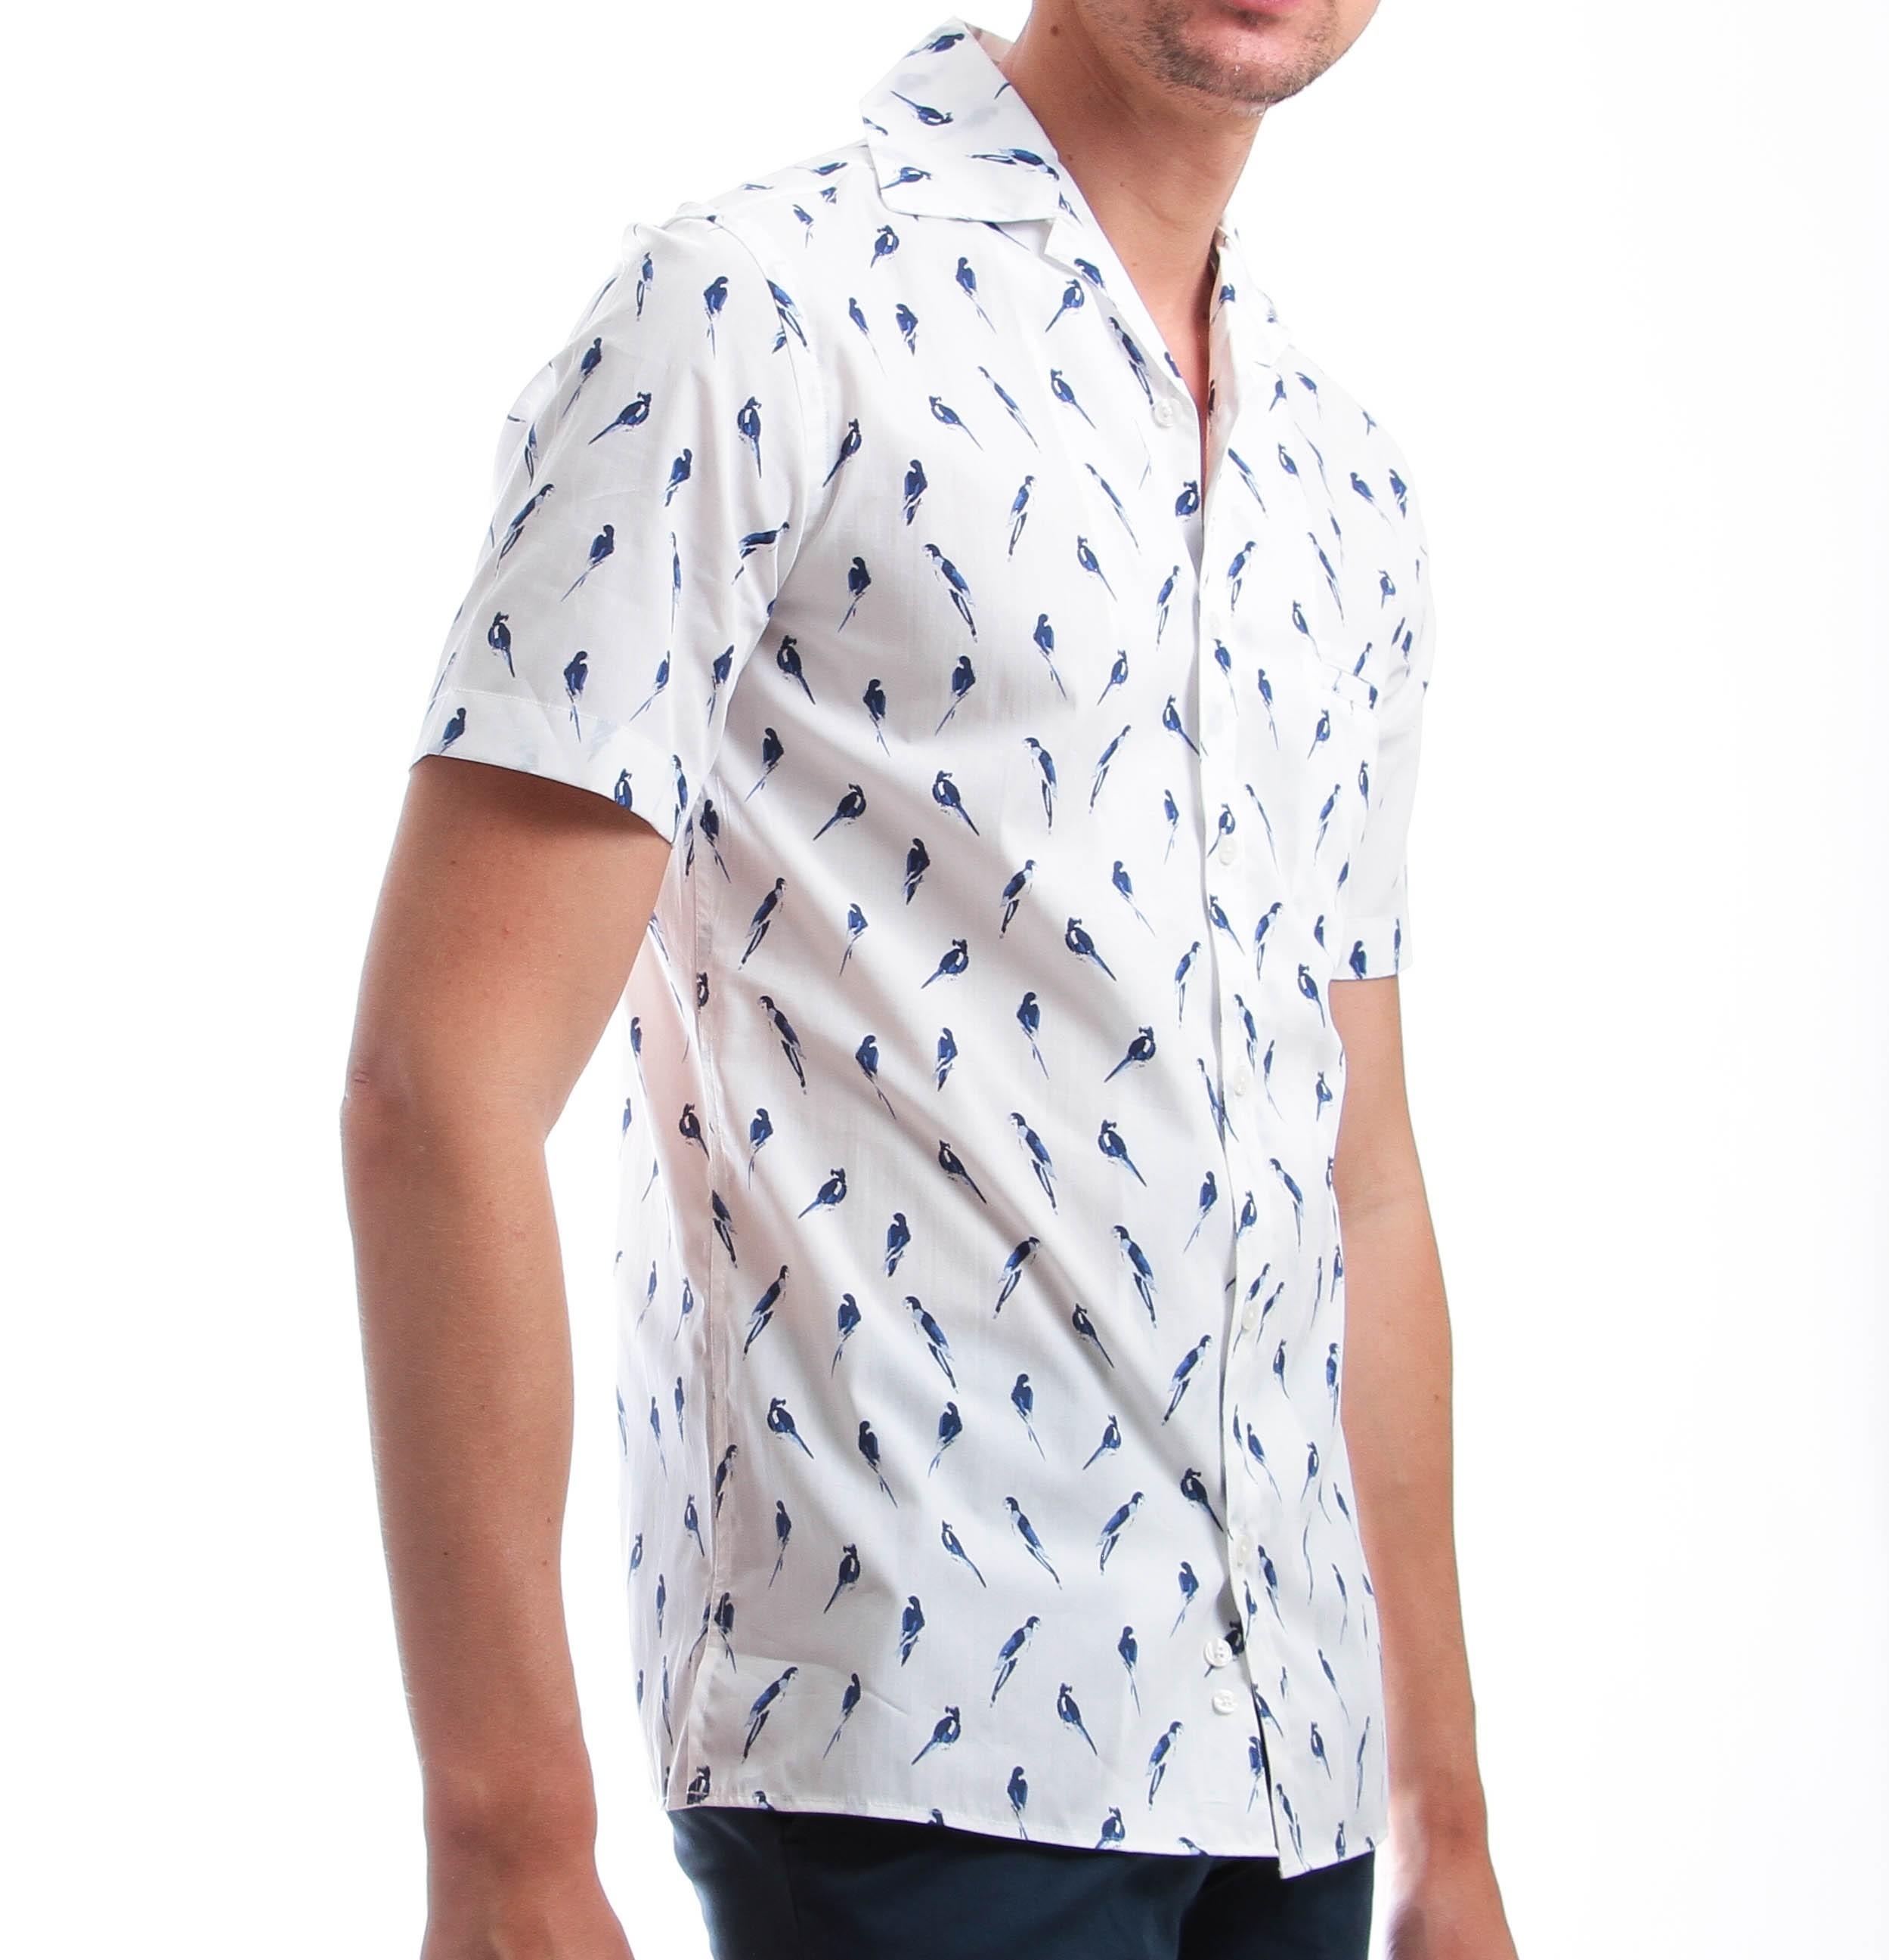 Chemise Summer : Manches courtes - Blanche à motif bleu - Col bowling